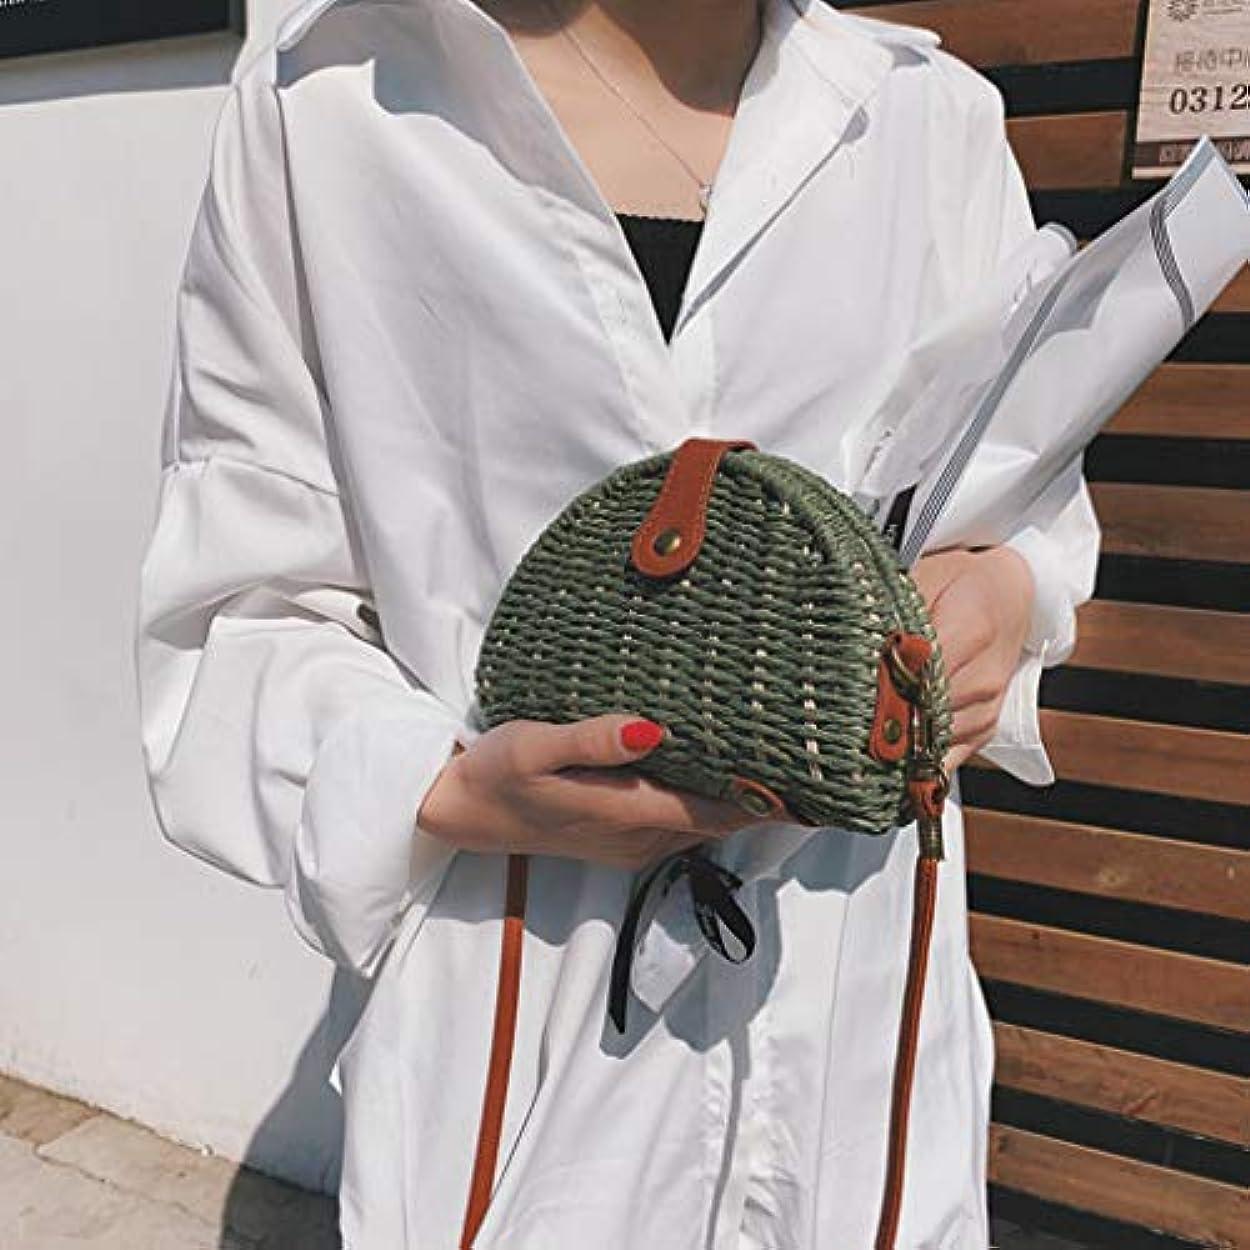 香水酸鰐女性ミニ織りビーチショルダーバッグレディースボヘミアンスタイルレジャーハンドバッグ、女性のミニ織クロスボディバッグ、レディースミニファッションビーチスタイルクロスボディバッグ (緑)